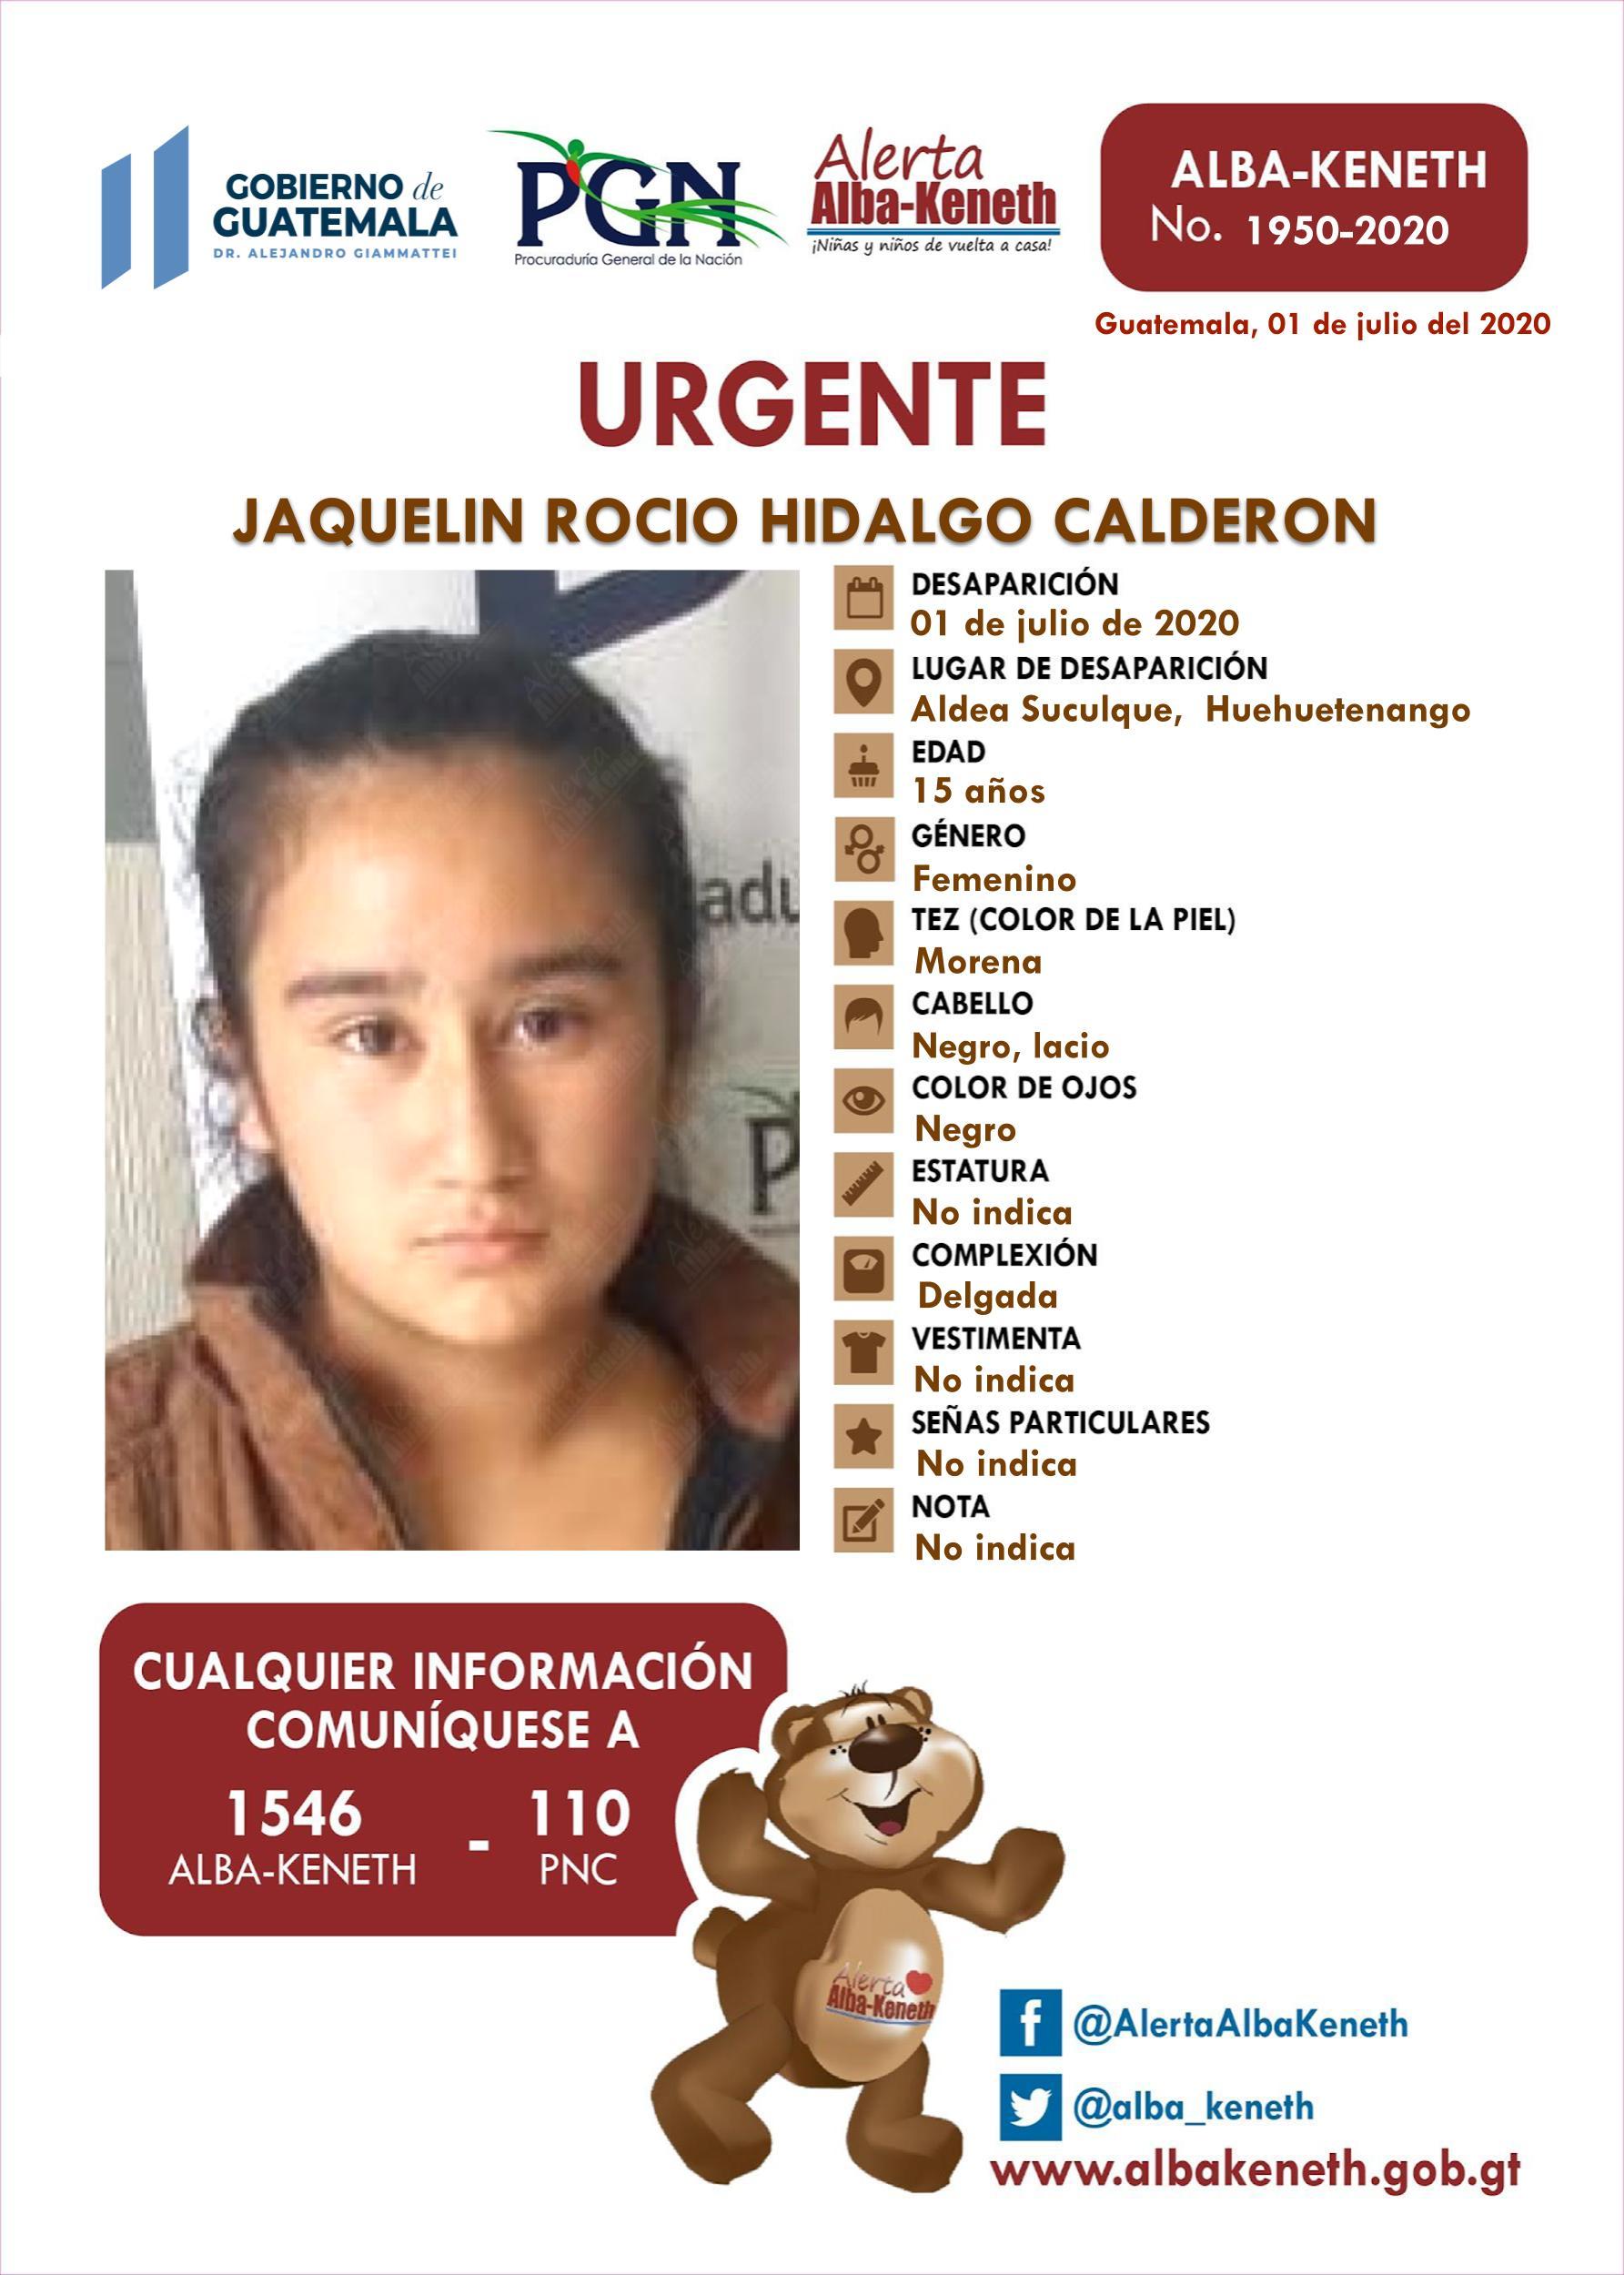 Jaquelin Rocio Hidalgo Calderon